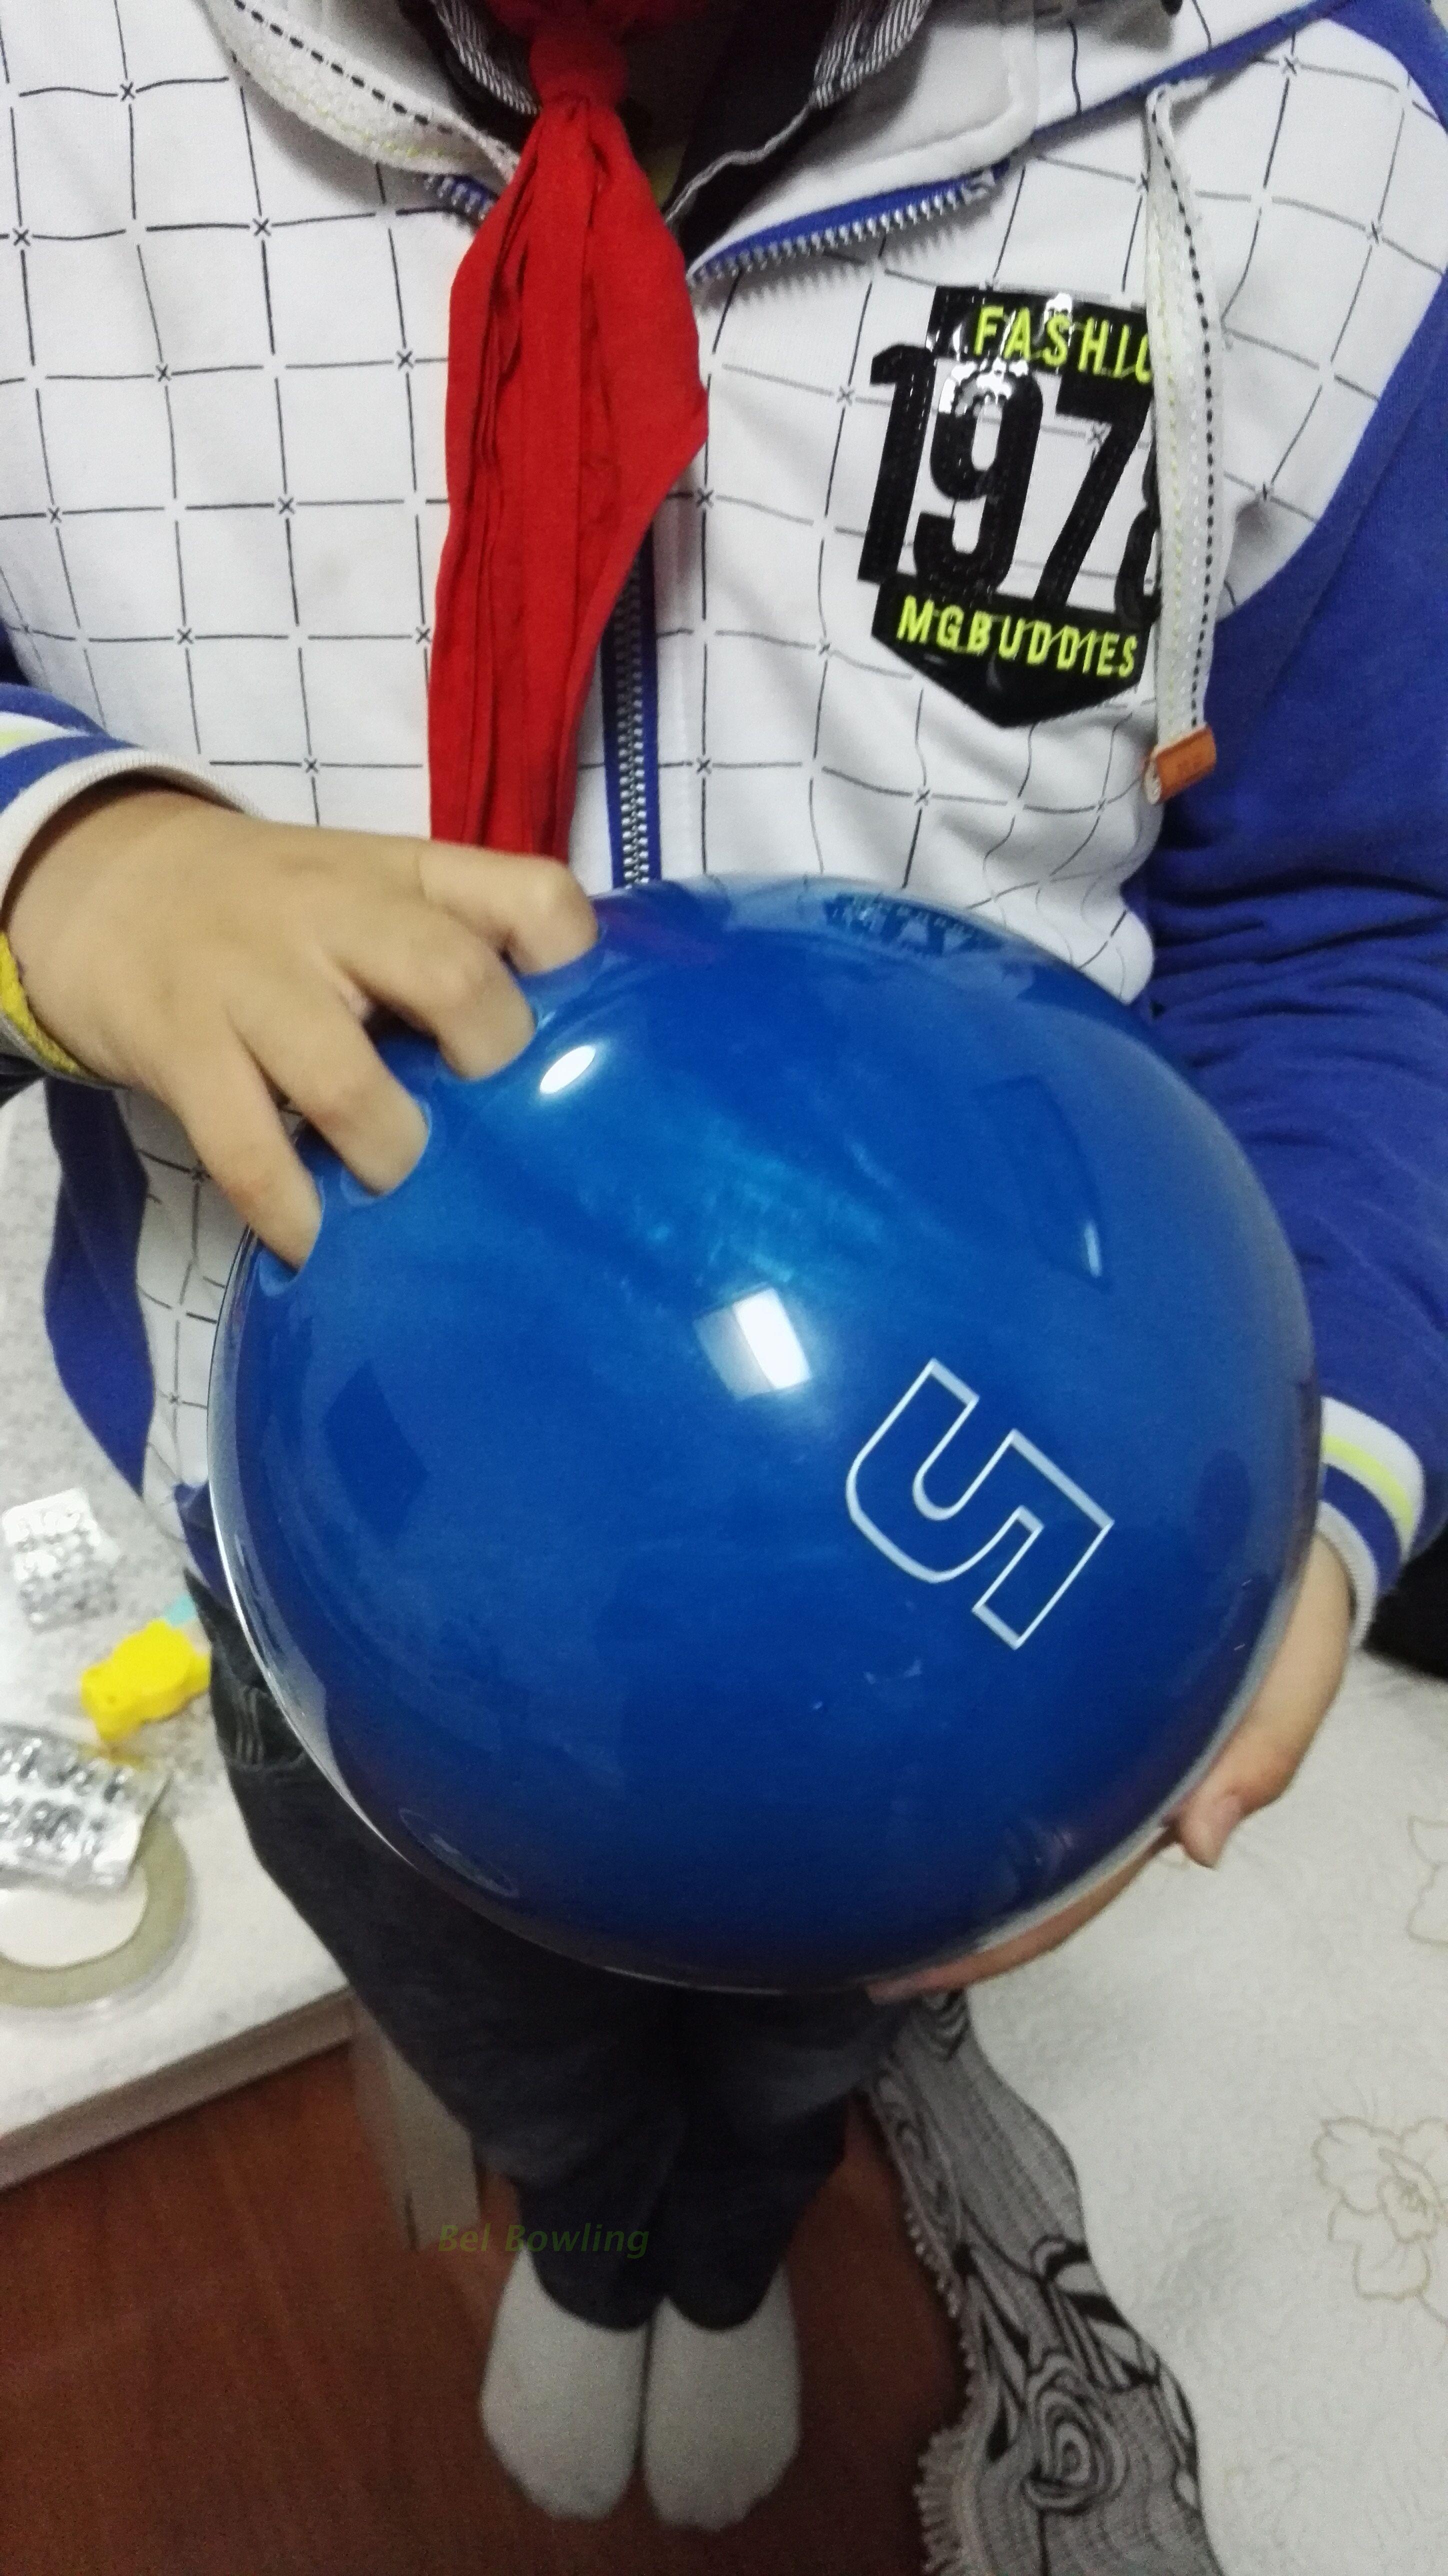 BEL保龄球用品 儿童专用轻磅保龄球4磅5磅 有5个手指头孔保龄球